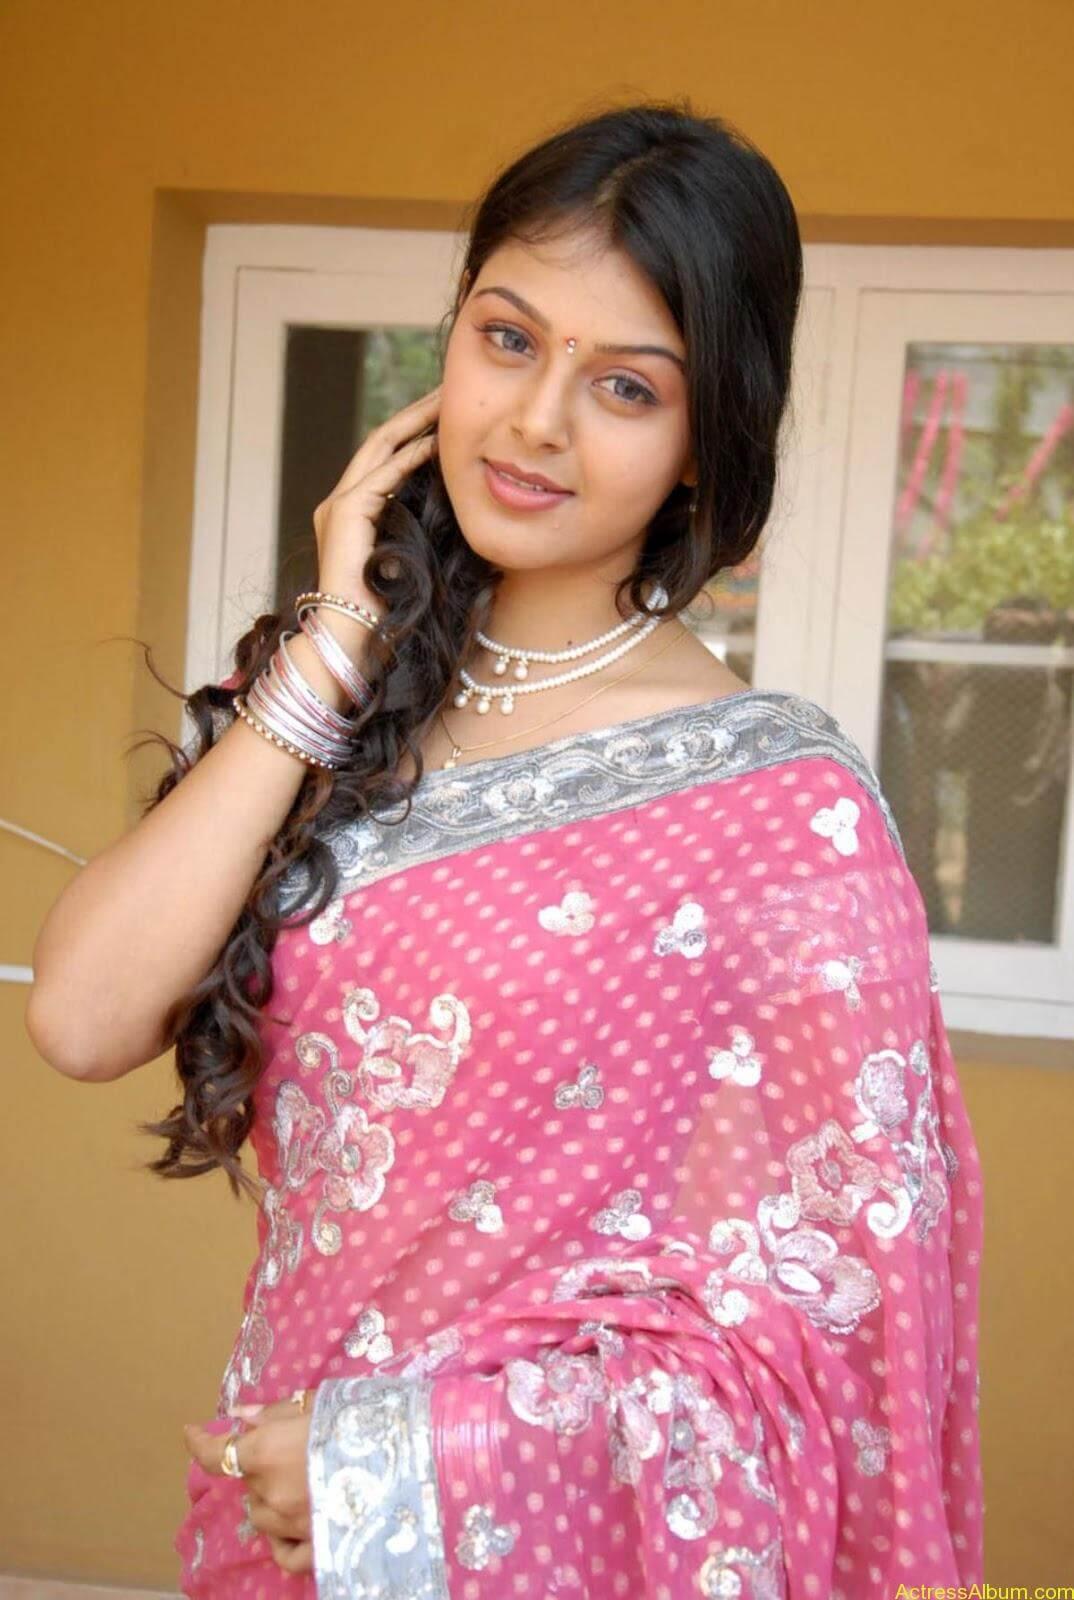 Monal gajjar Hot Saree Stills (8)